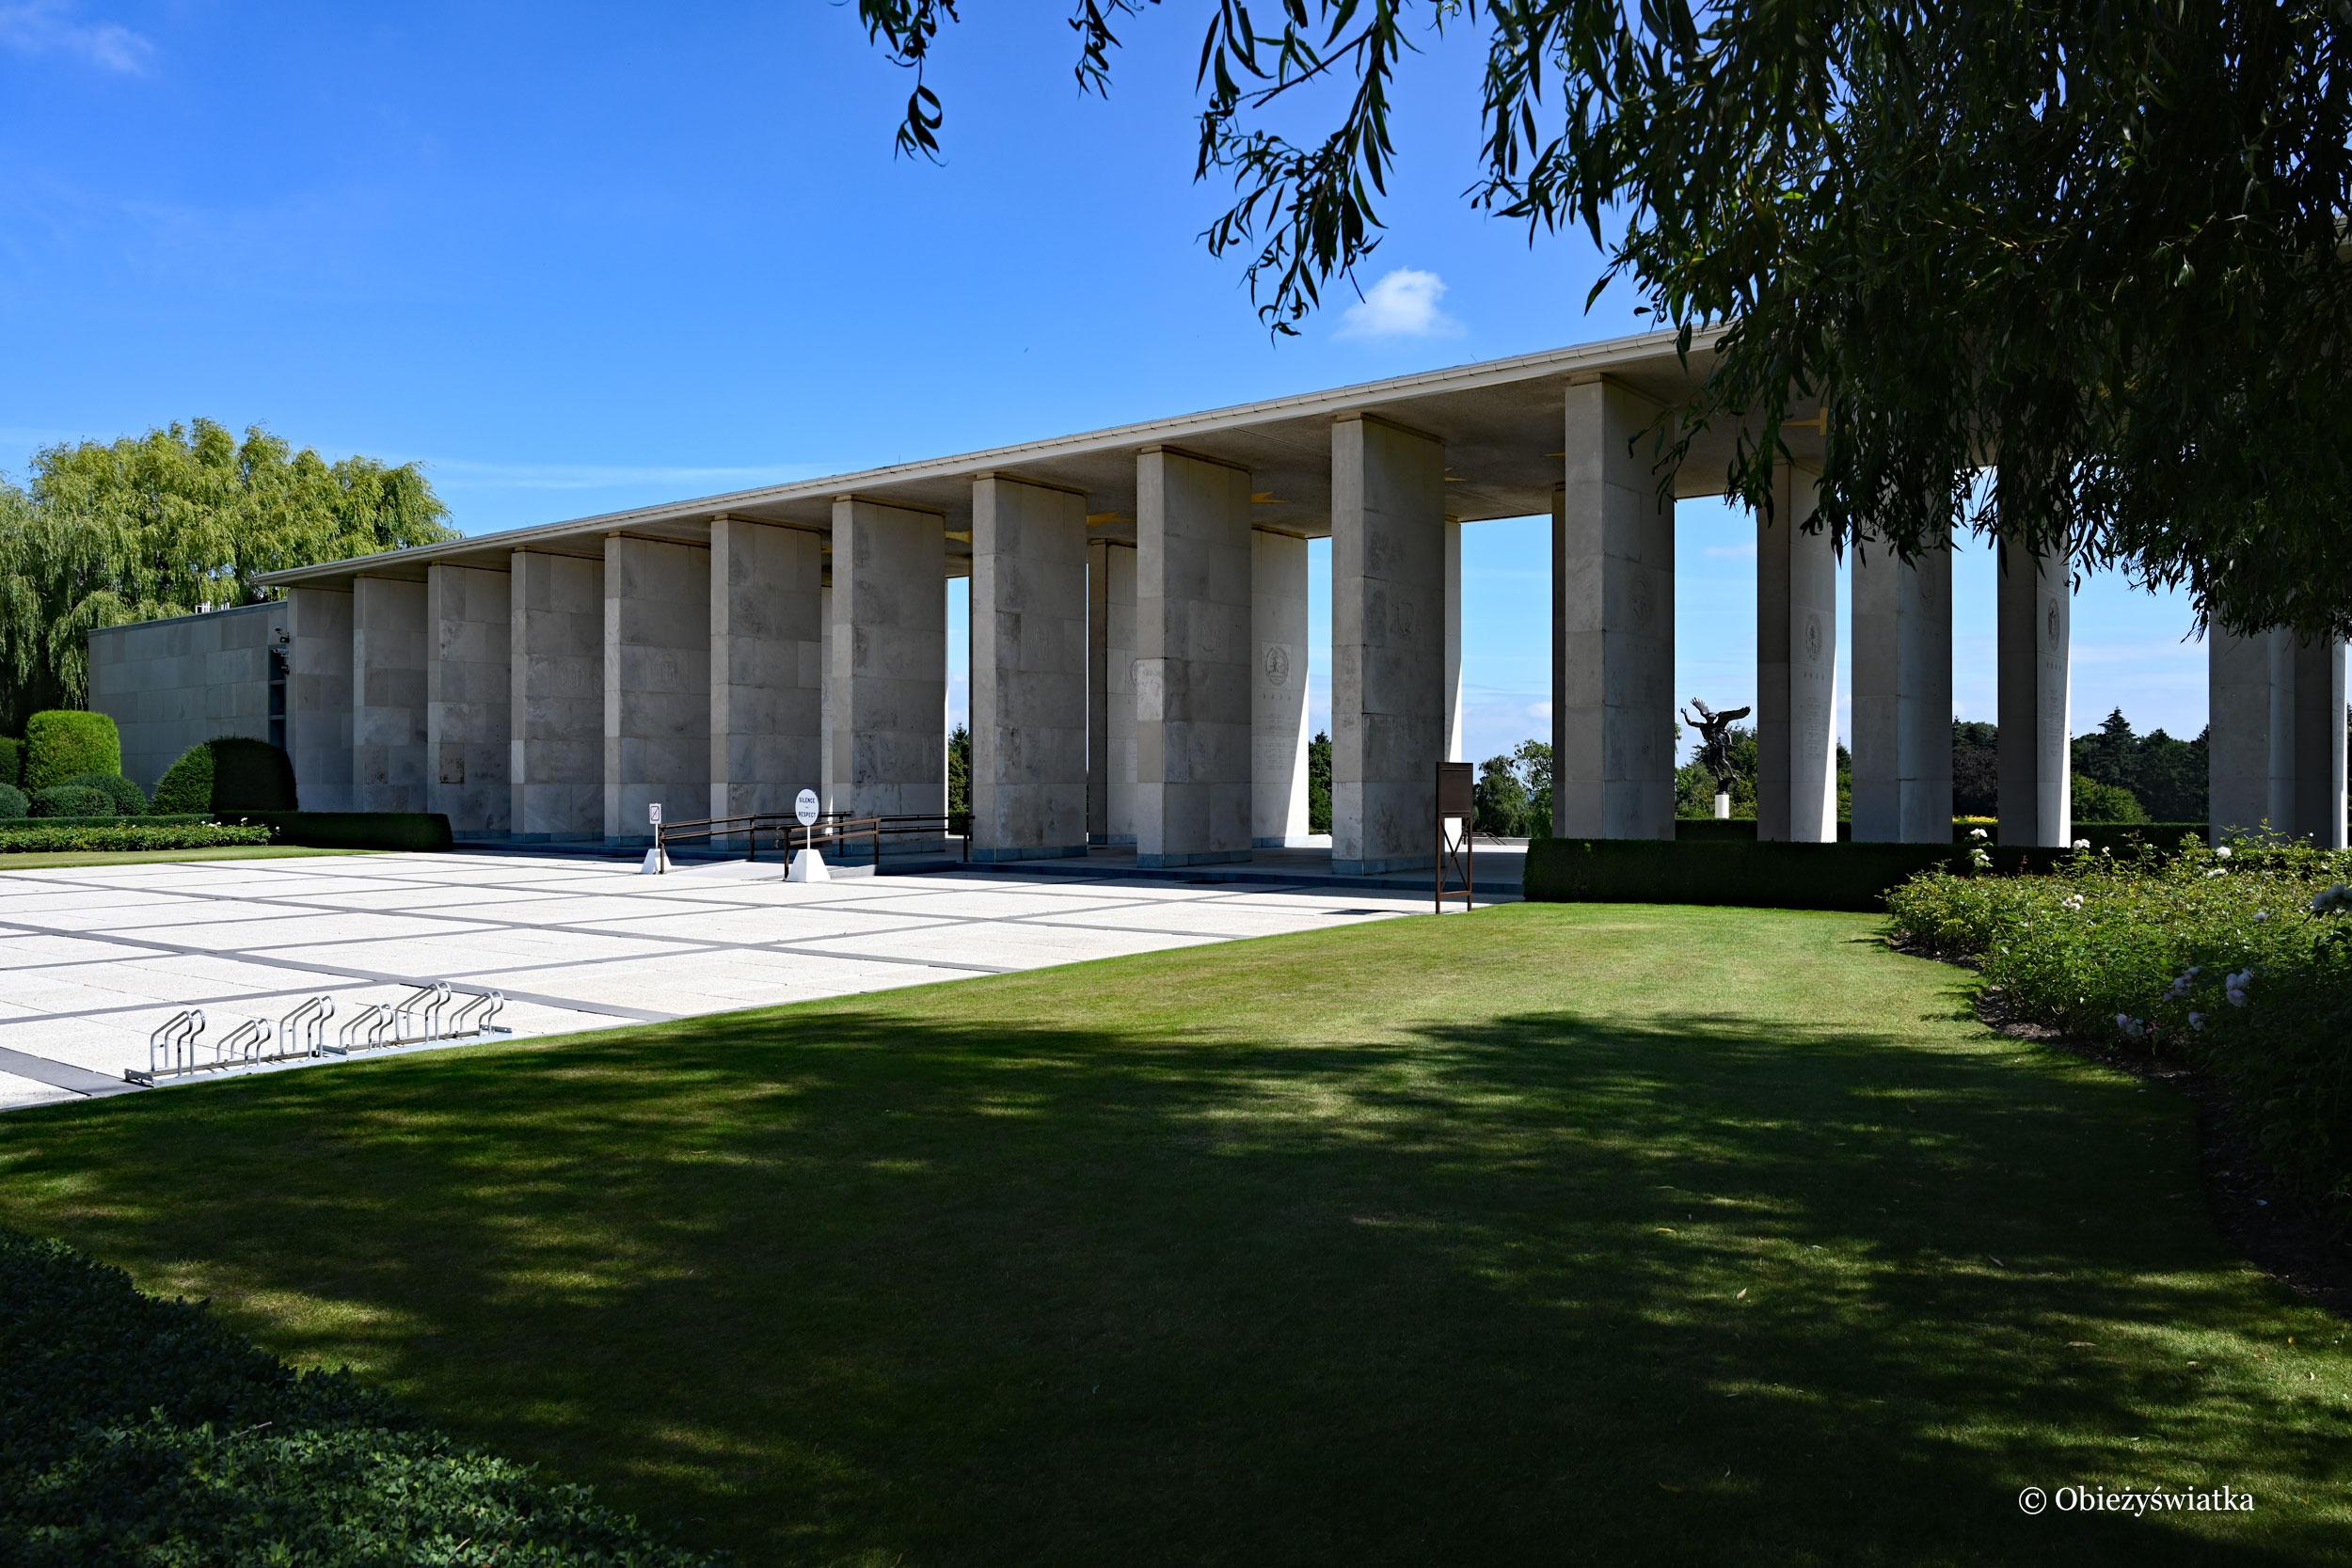 Amerykański cmentarz wojskowy - Hall of Honor, Henrie Chapelle, Belgia